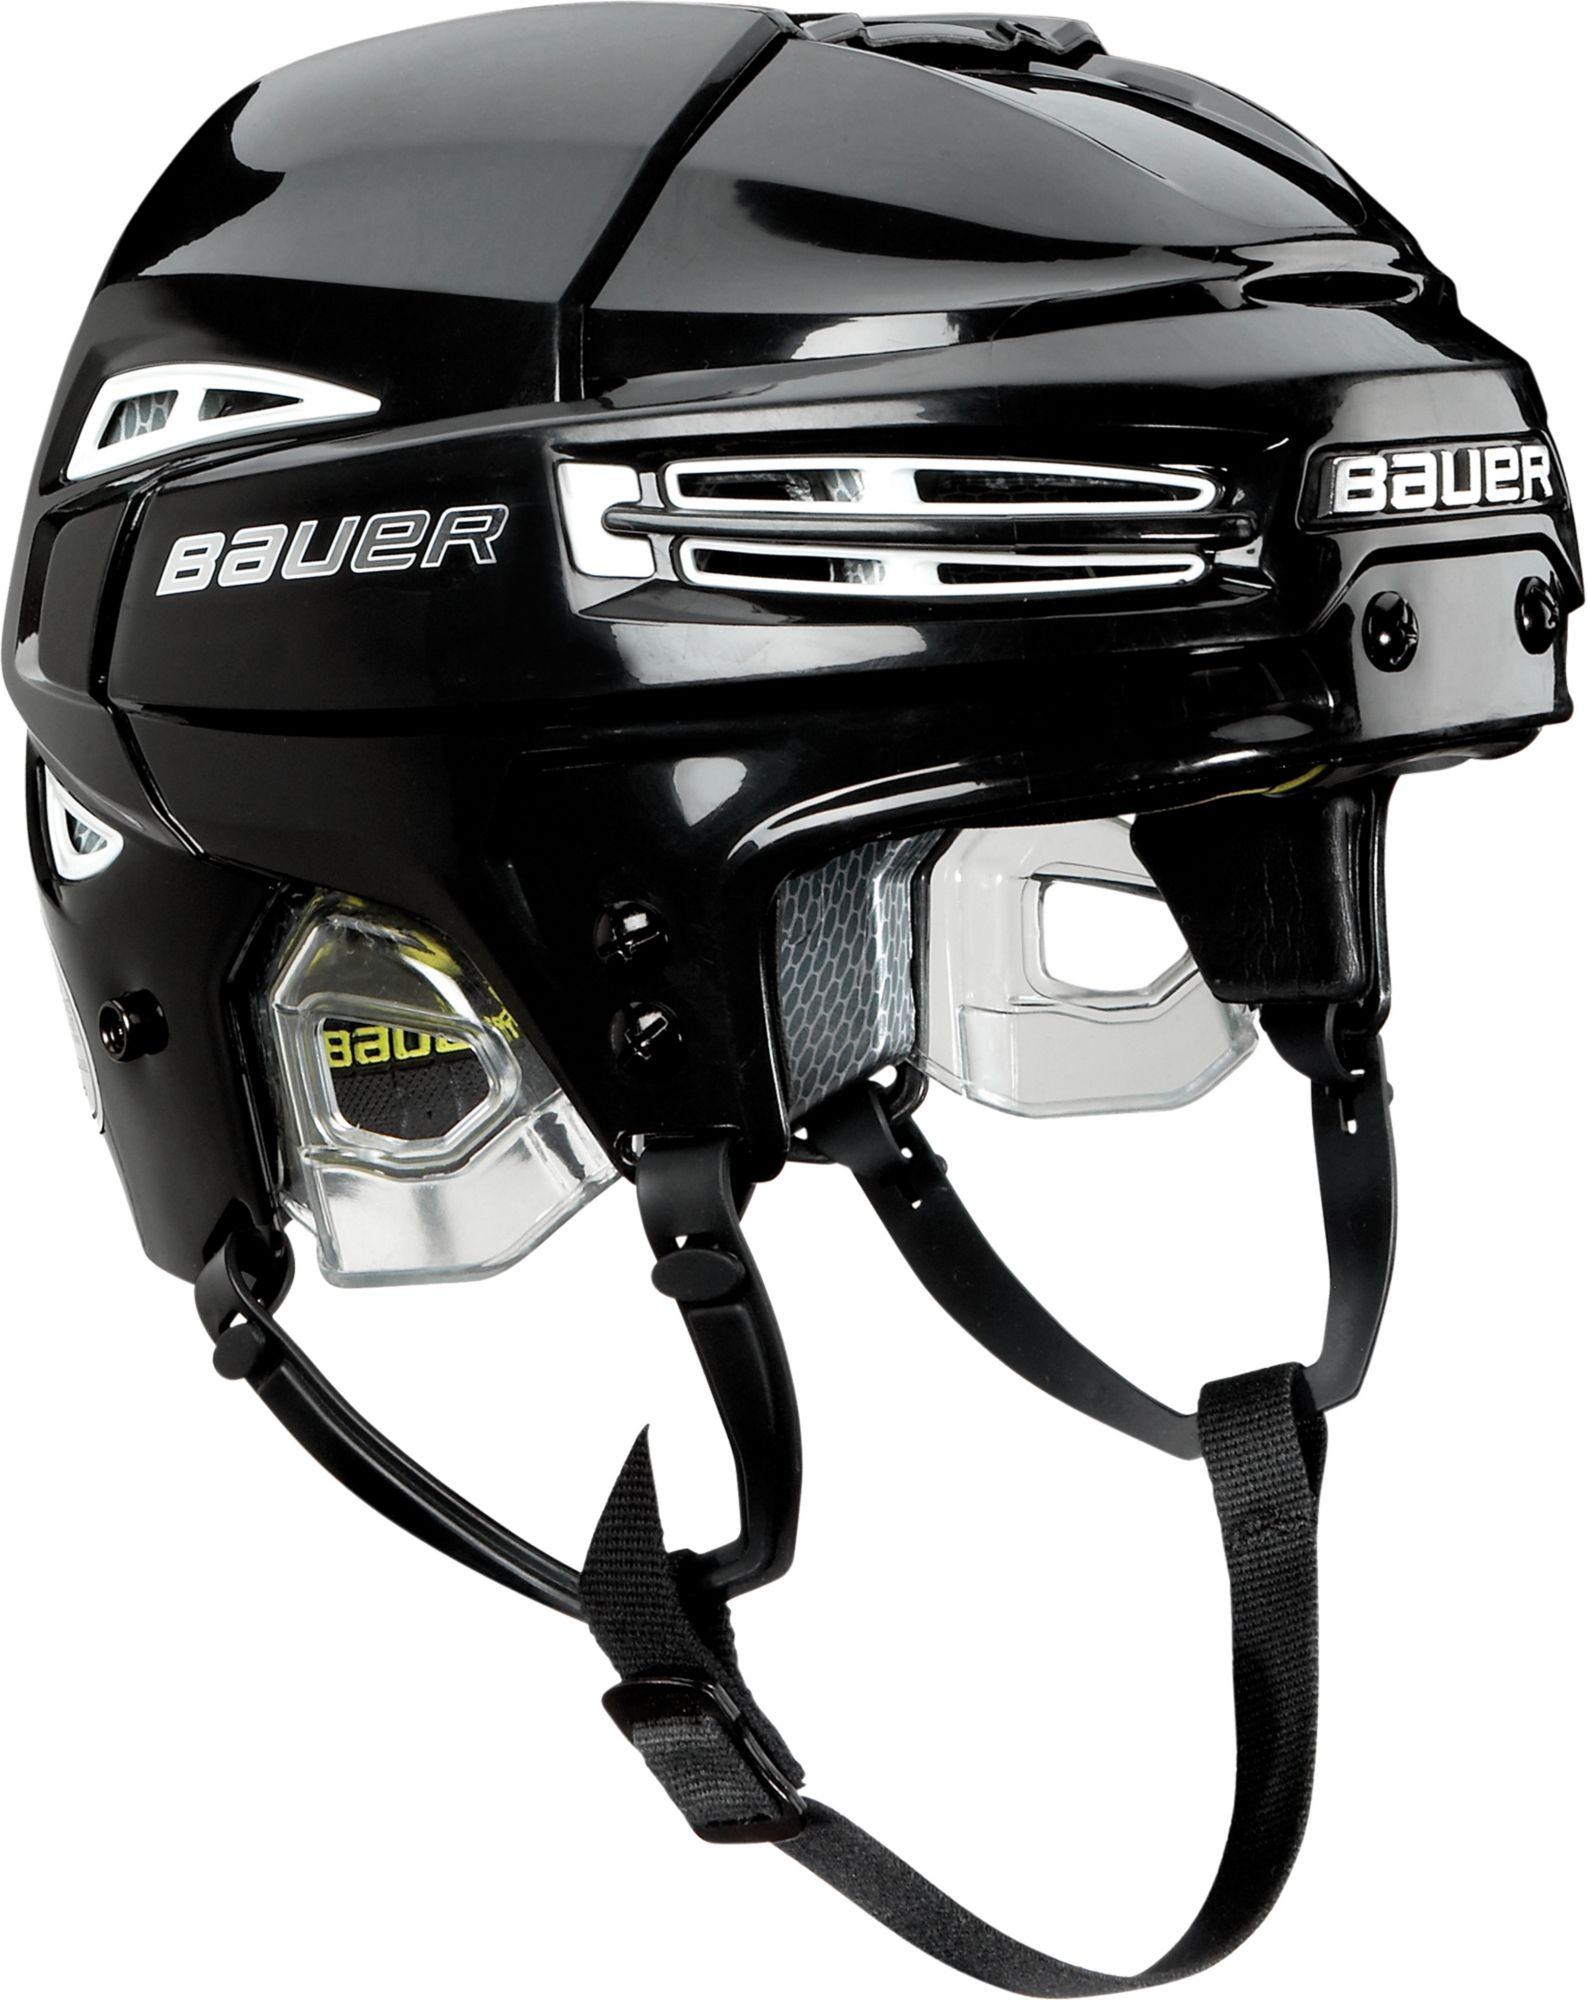 0c7b050e5cb Bauer Senior RE-AKT 100 Ice Hockey Helmet